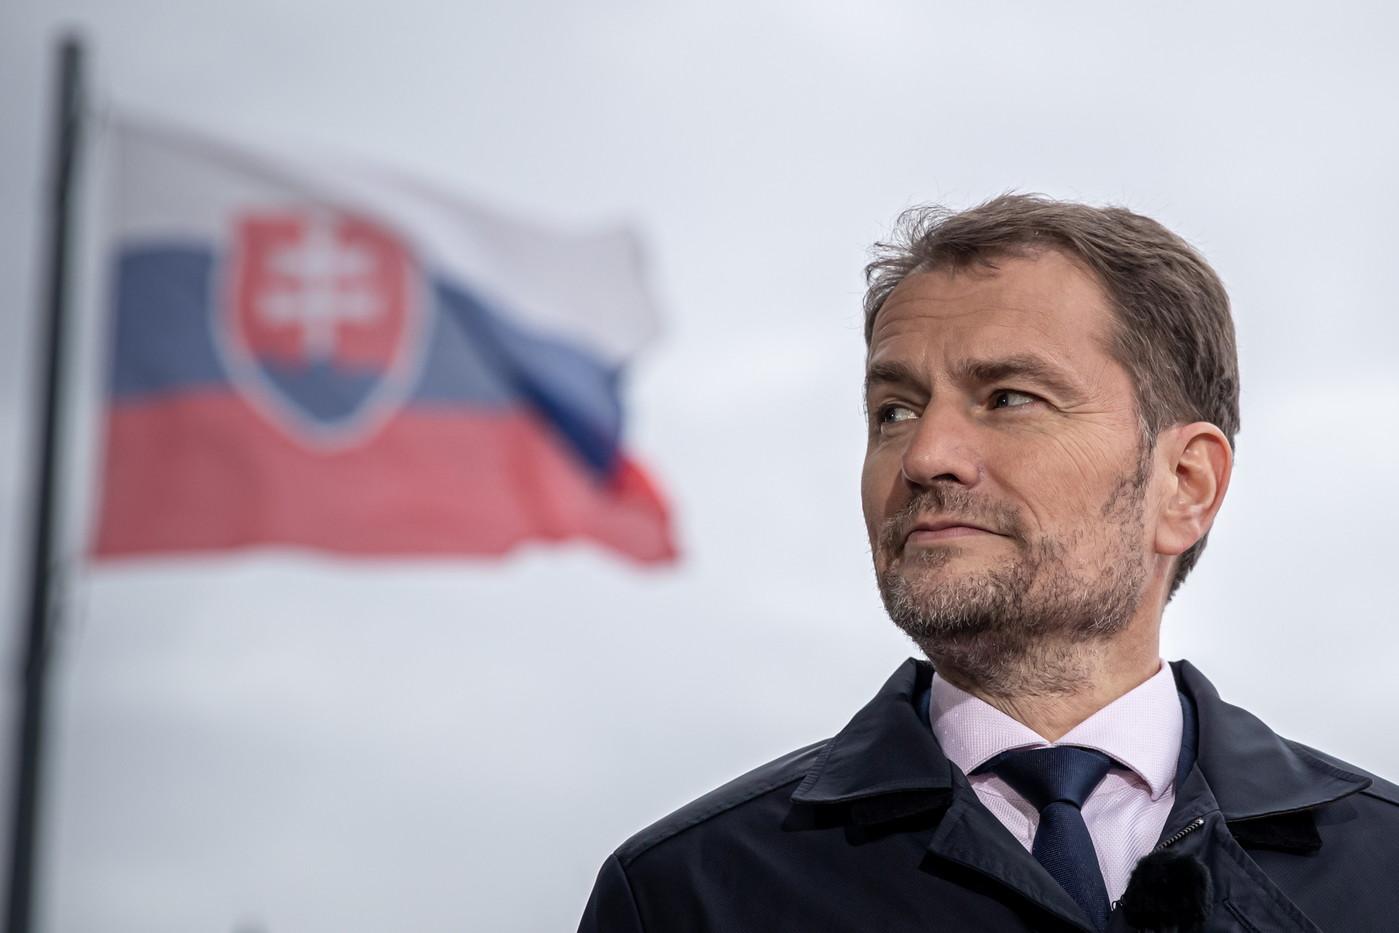 NNN: Vendredi, le Premier ministre slovaque Igor Matovic a survécu à un vote de défiance au parlement, avec seulement 47 législateurs votant en faveur de sa destitution. Matovic a pris ses fonctions il y a quatre mois et aurait pu être contraint de démissionner s'il y avait eu 76 voix ou plus contre lui. Le […]